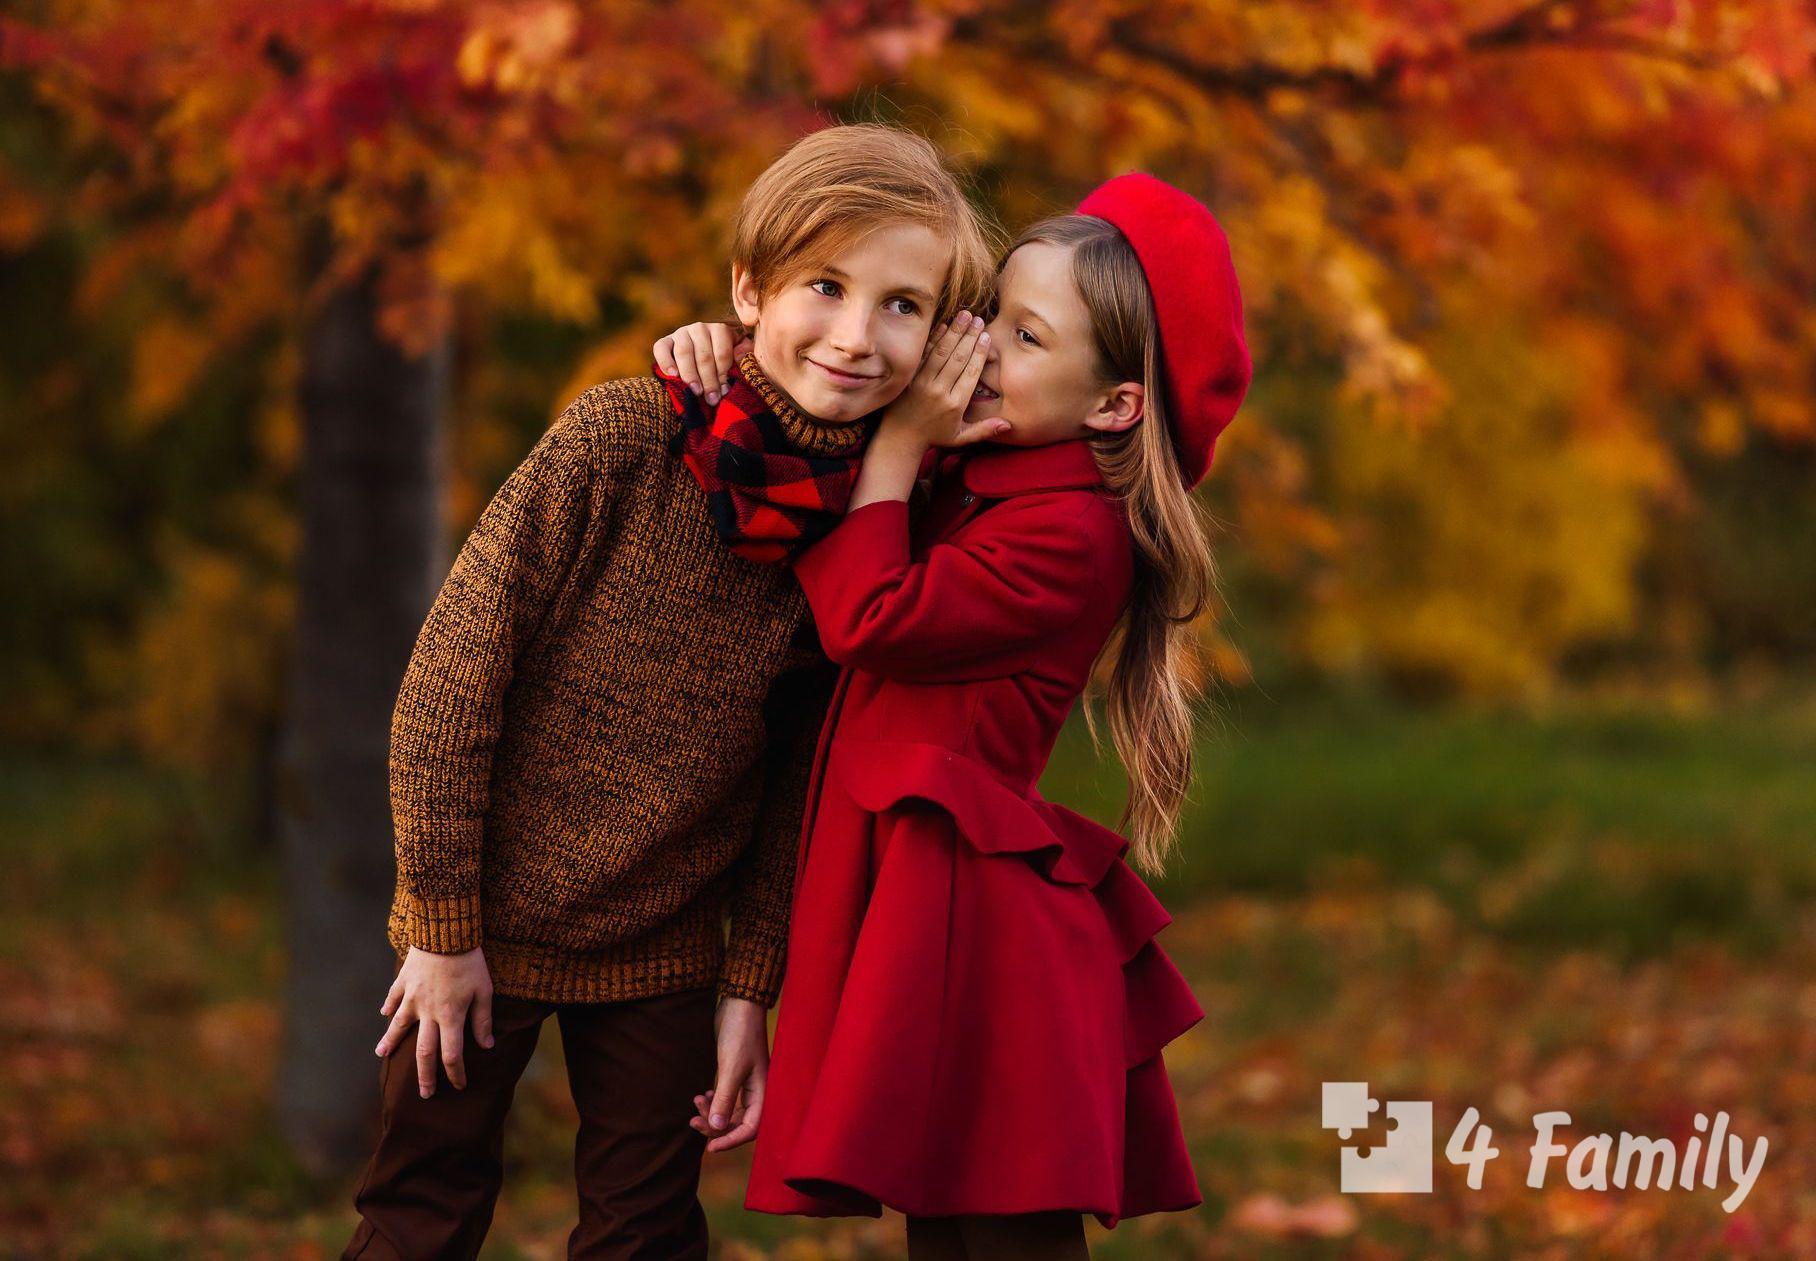 4family Разговоры с детьми о любви и семье